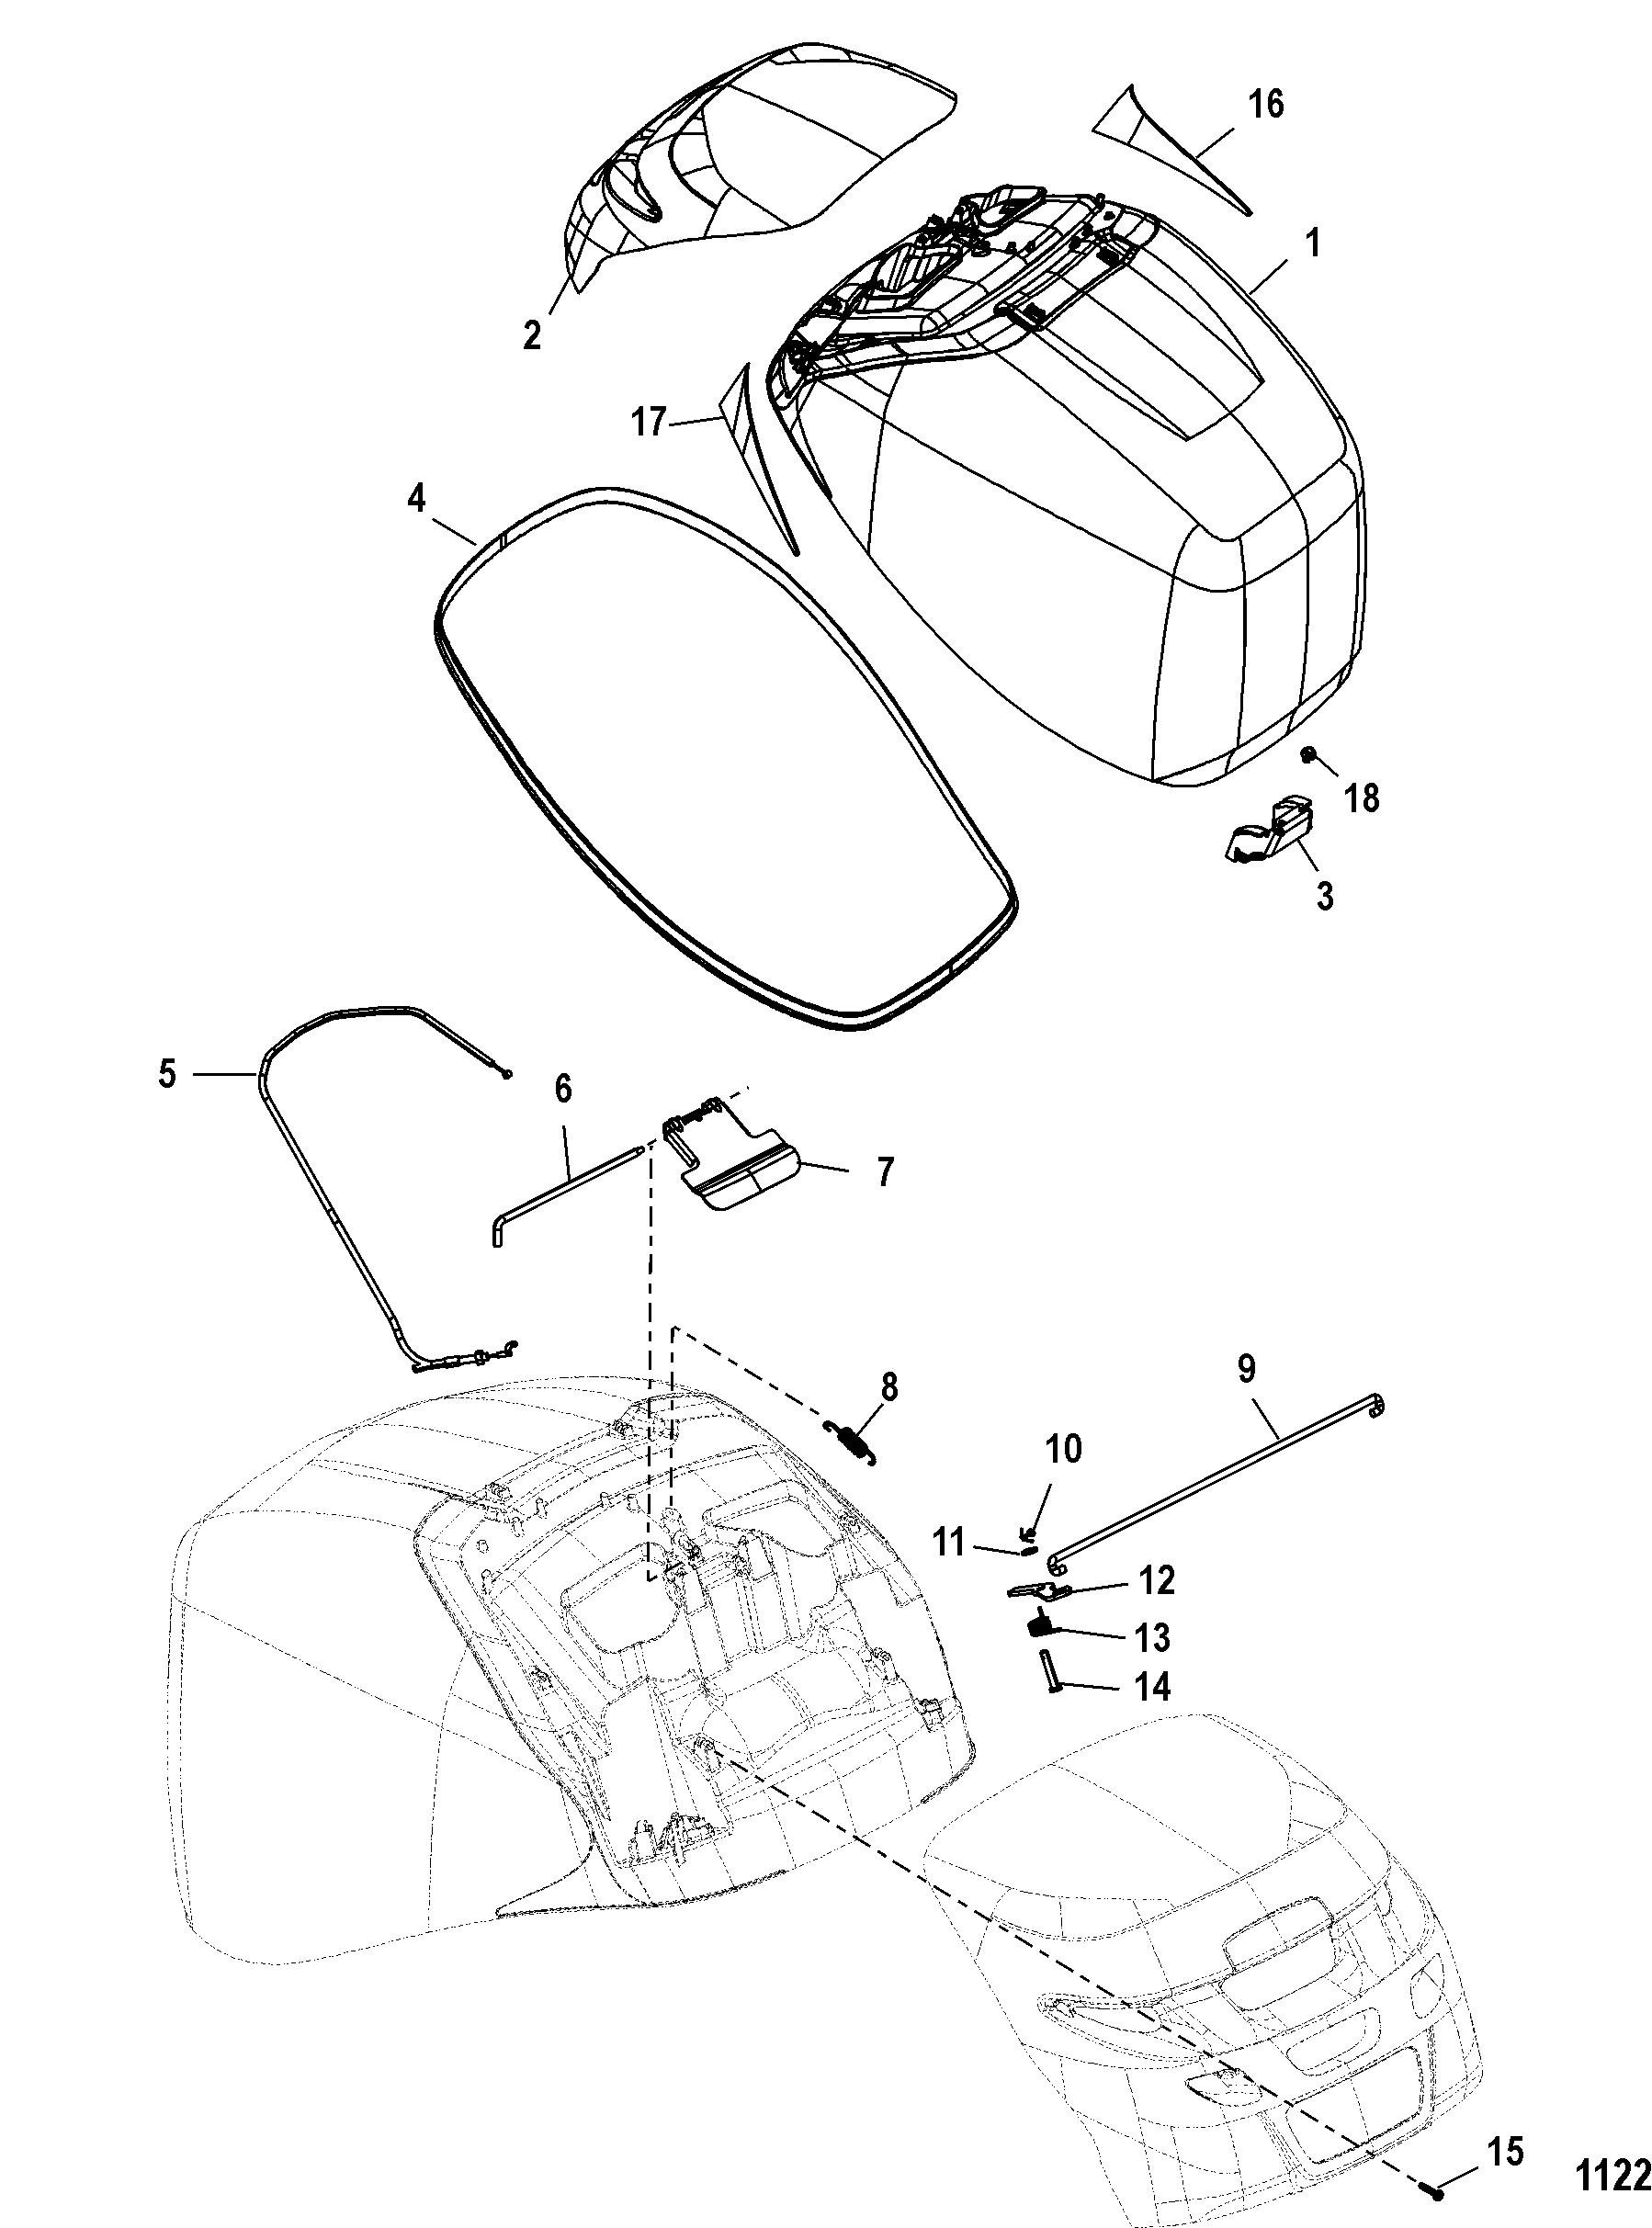 Mercury Verado 225 Wiring Diagram Manual Guide Smartcraft Top Cowl For Mariner 200 250 275 4 Stroke Harness